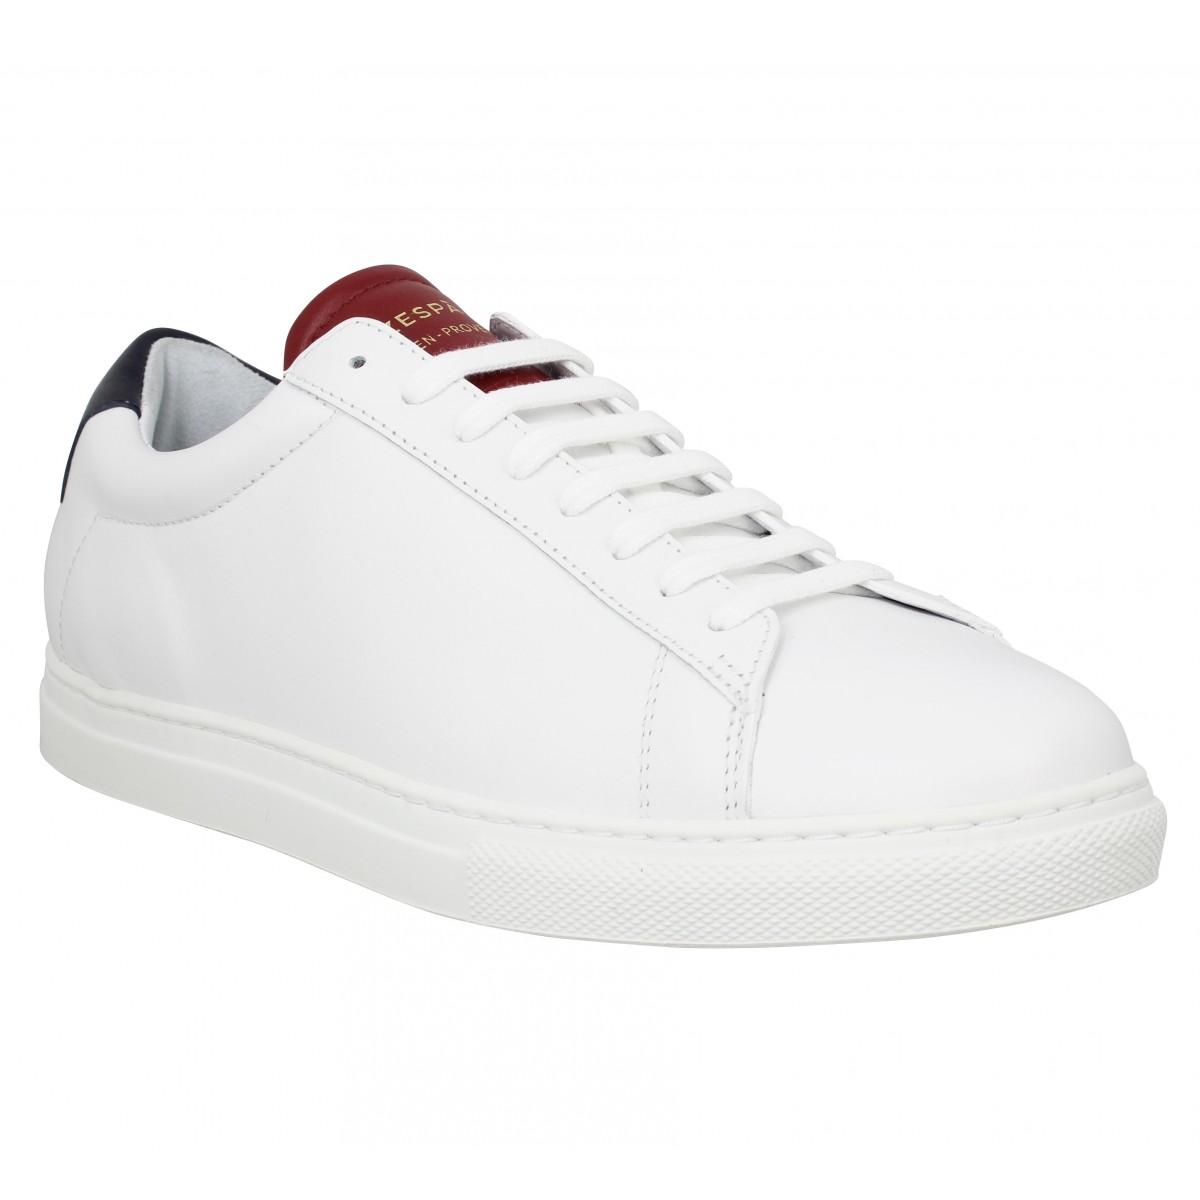 Zespa Marque Zsp4 Cuir Homme-40-white...